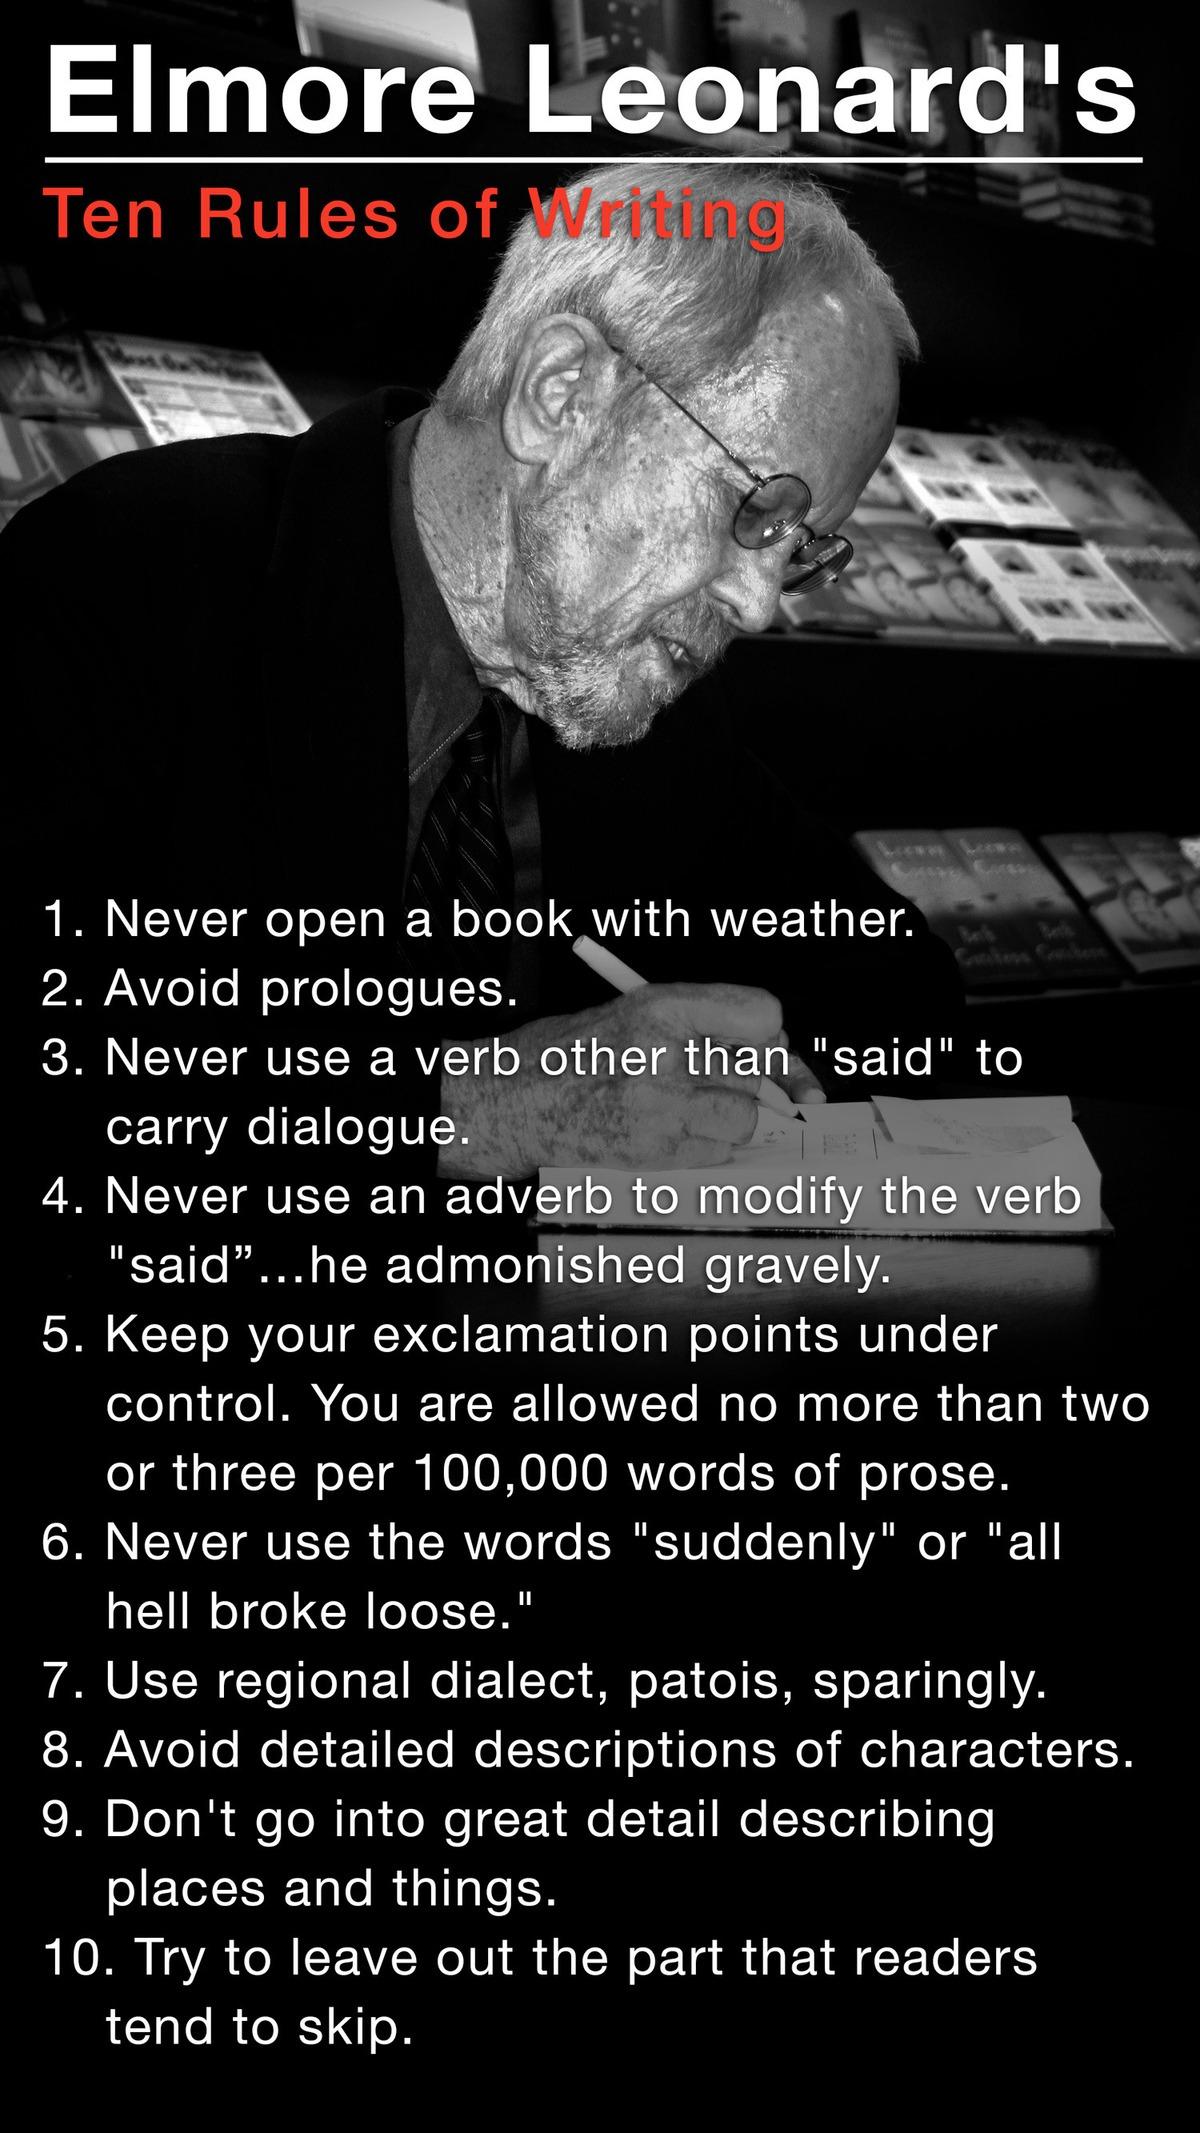 elmore-Leonards-ten-rules-of-writing